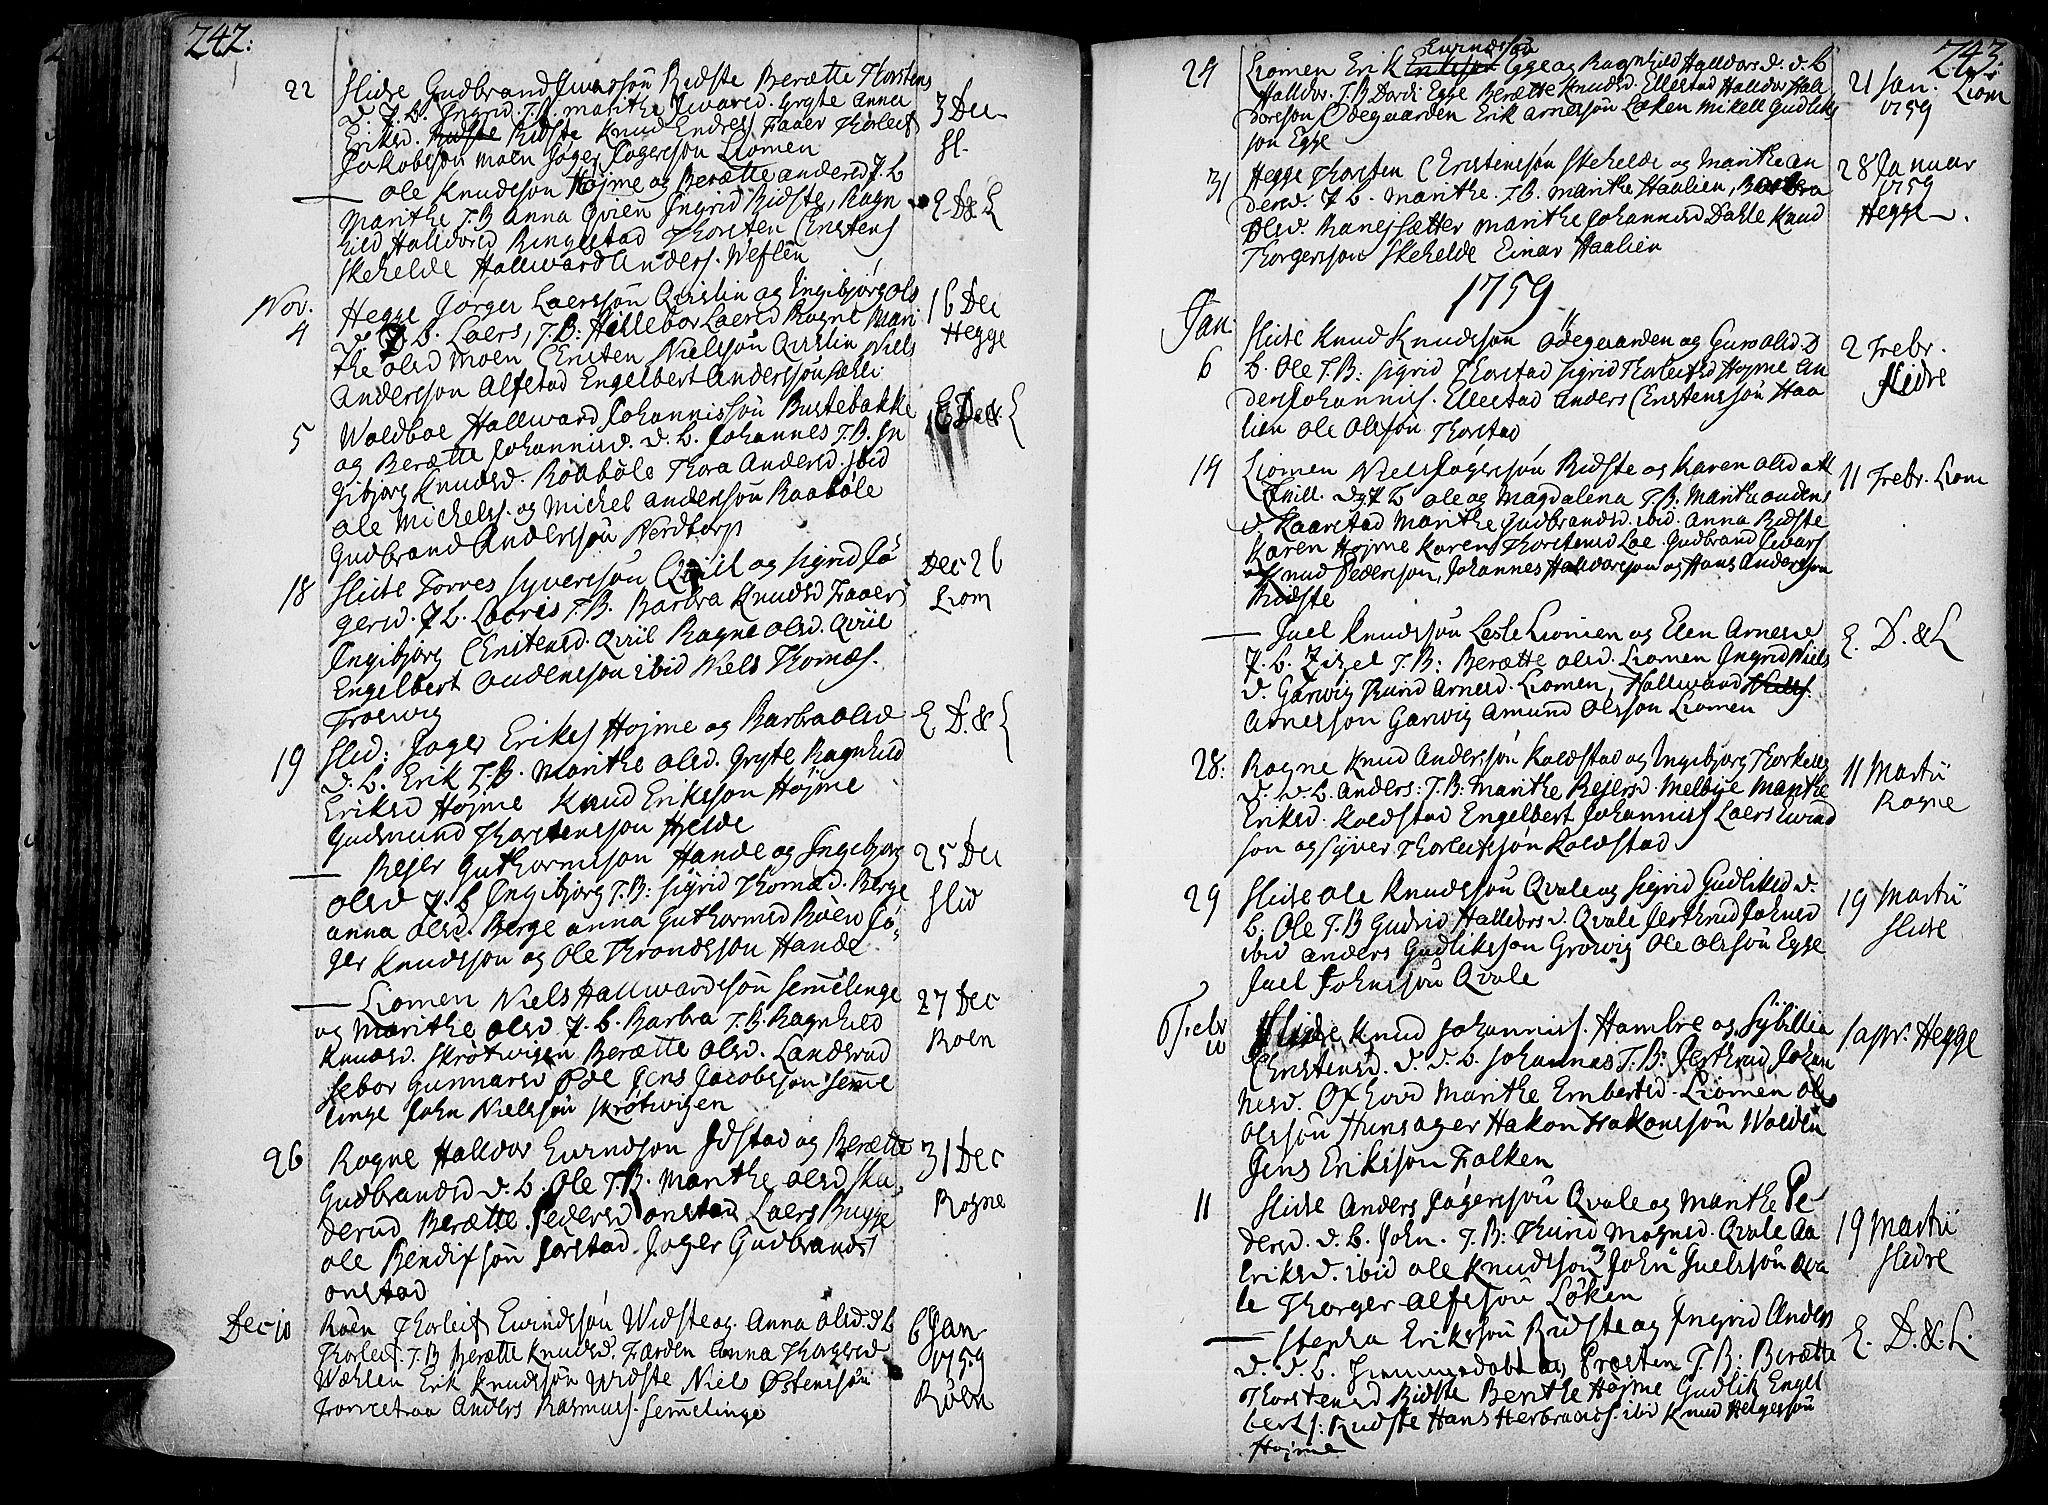 SAH, Slidre prestekontor, Ministerialbok nr. 1, 1724-1814, s. 242-243